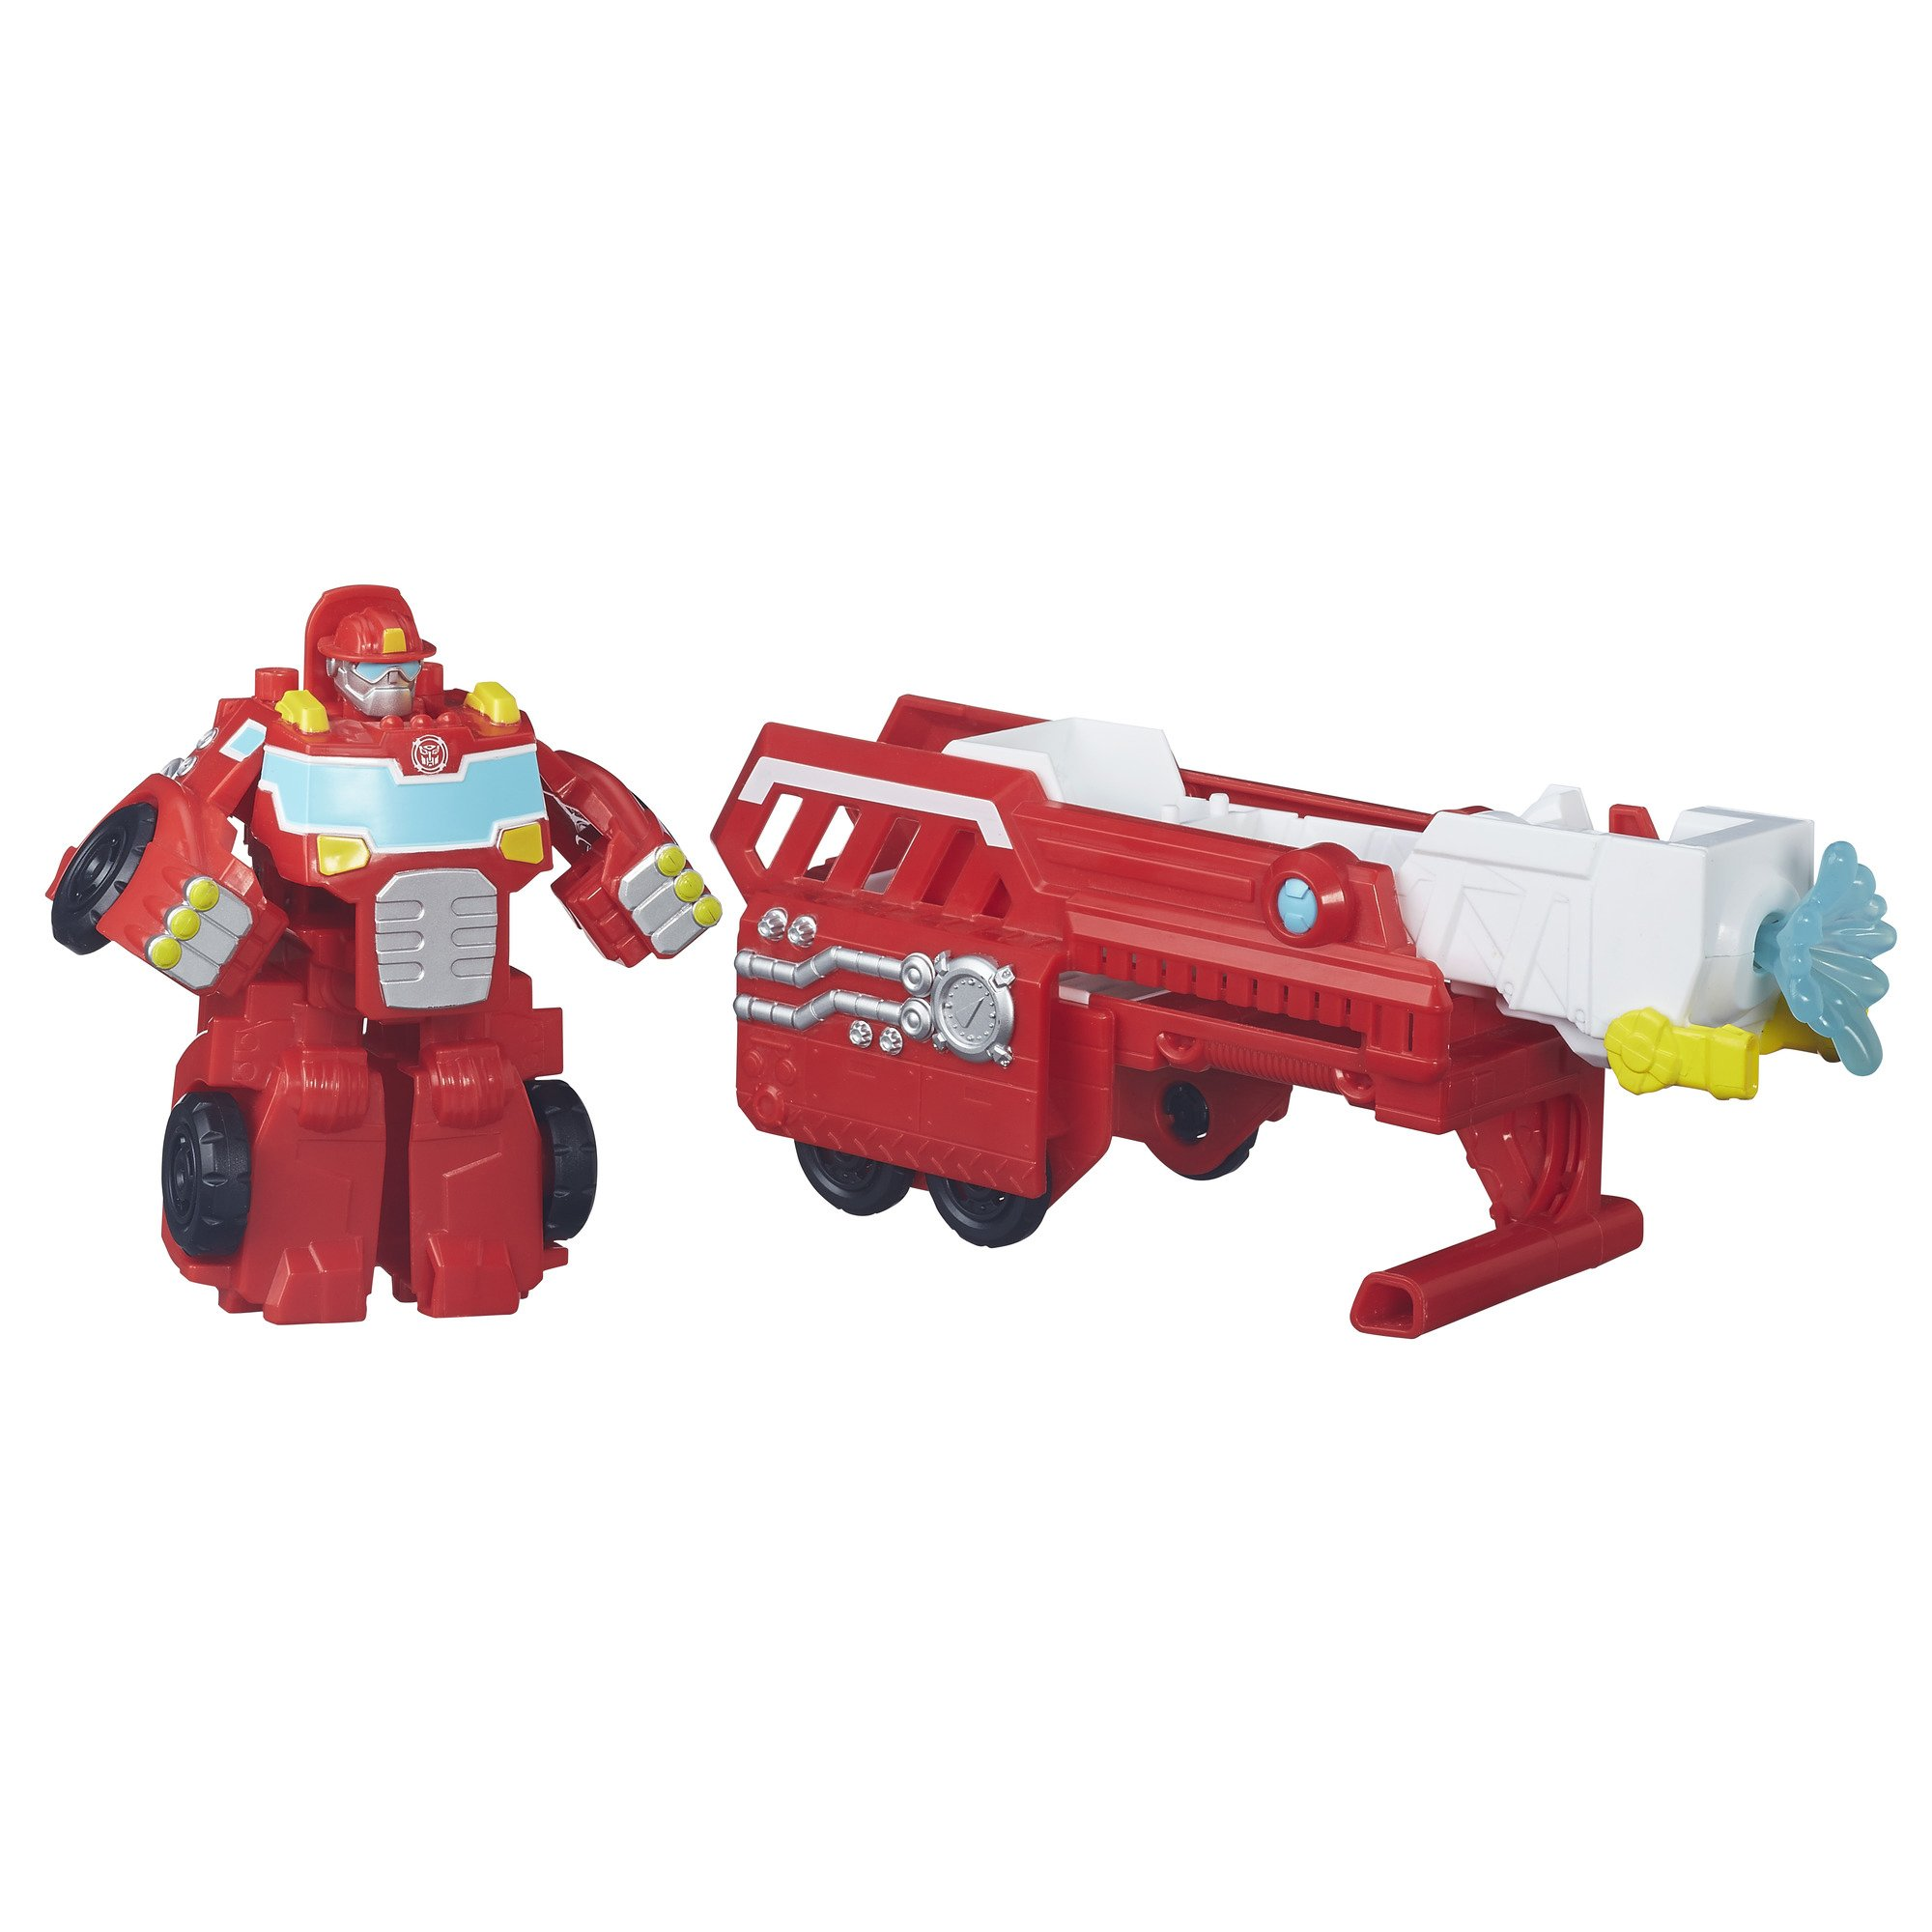 Transformers Playskool Heroes Rescue Bots Hook and Ladder Heatwave